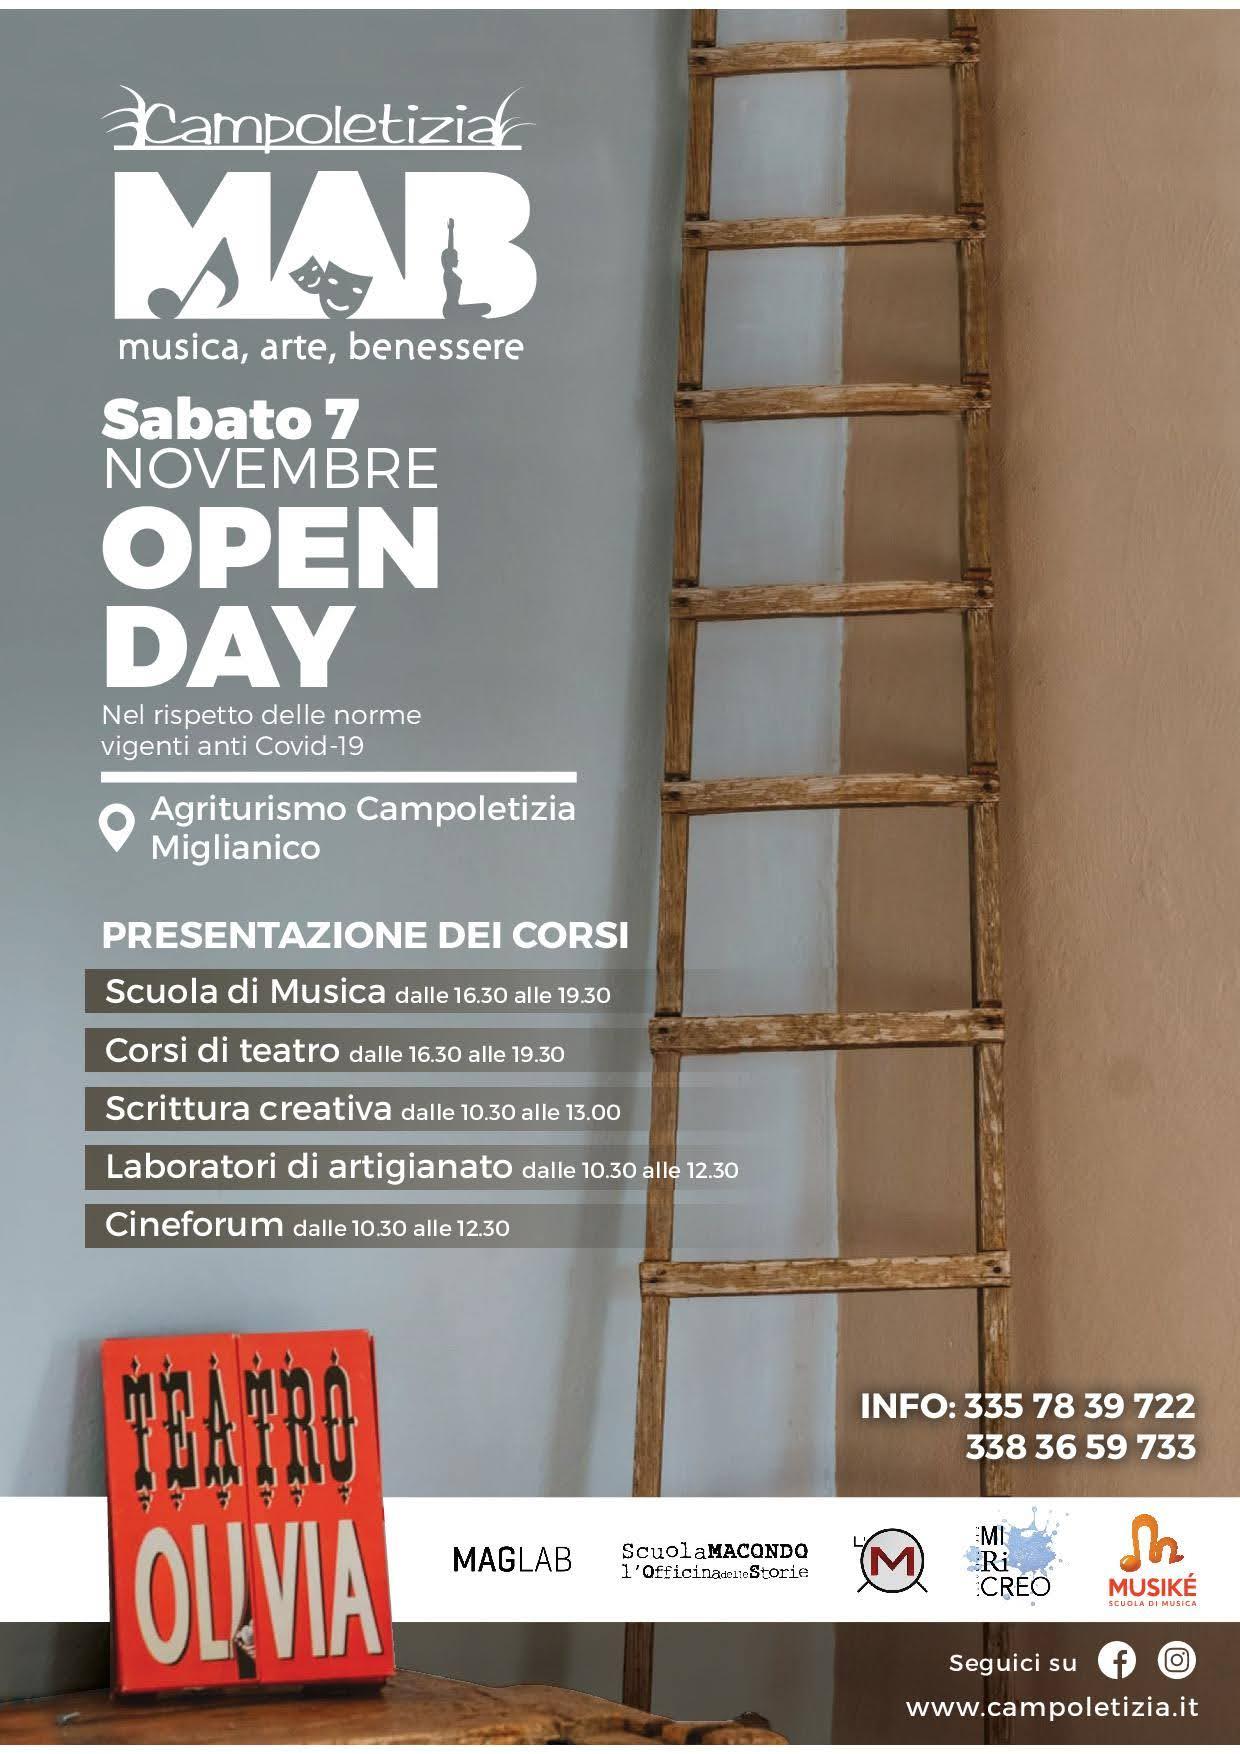 (Italiano) Una giornata tutta dedicata al MAB